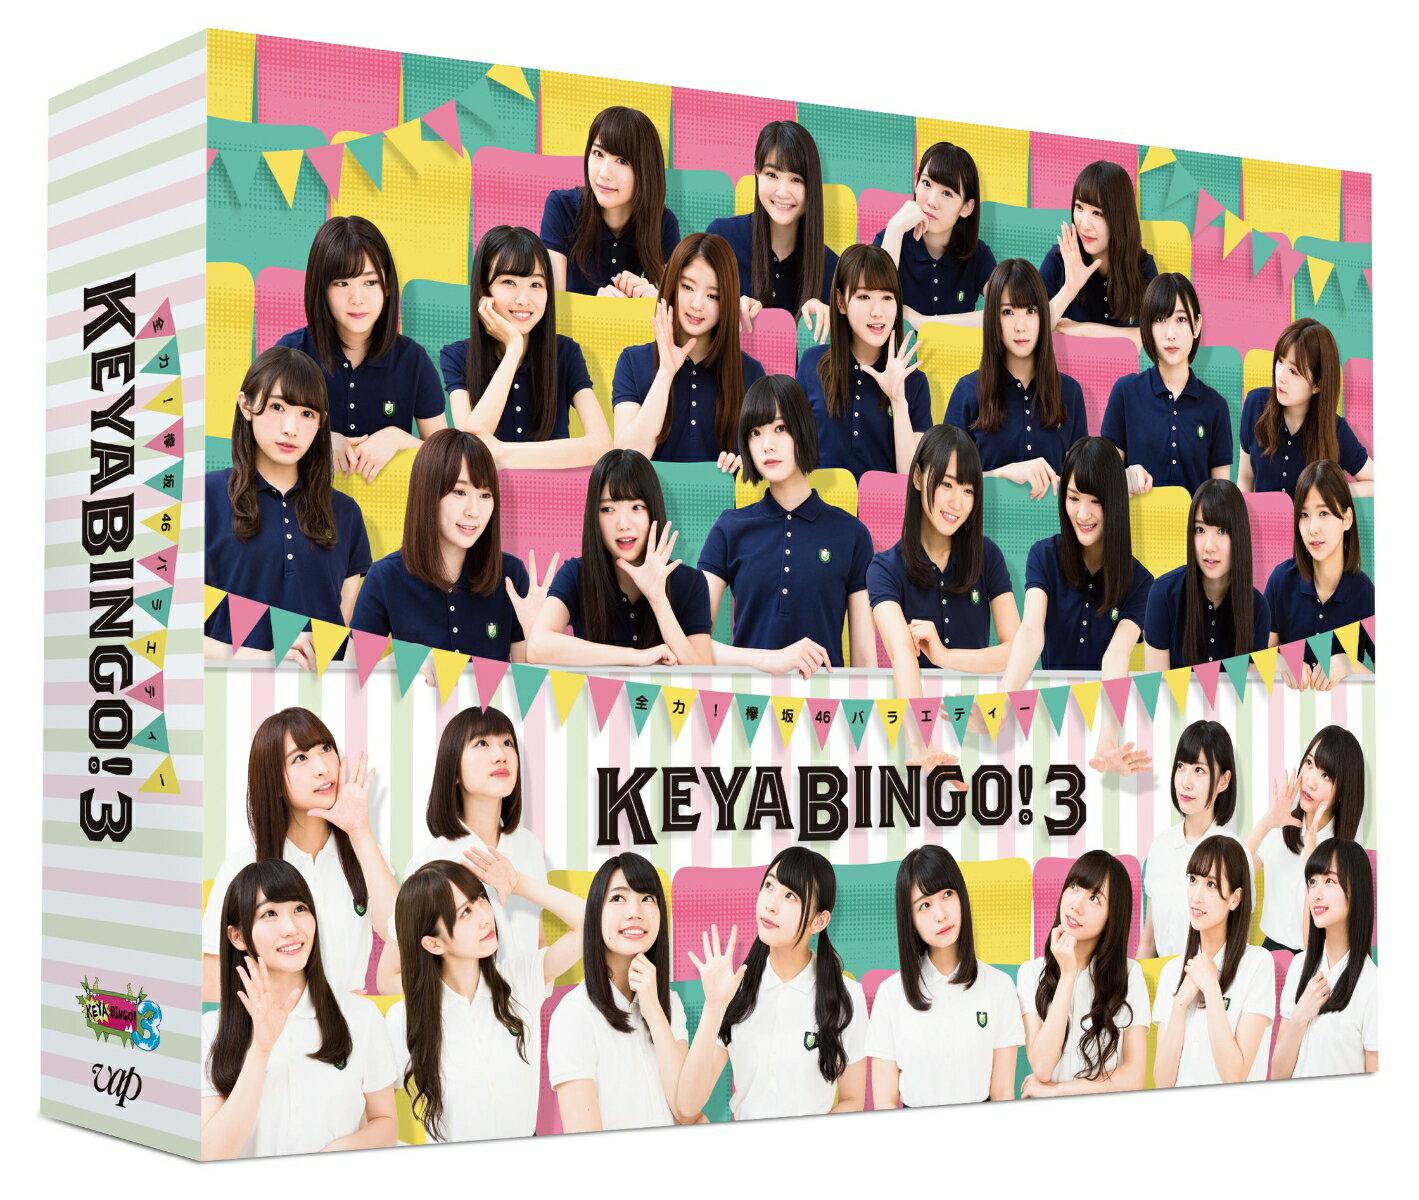 全力!欅坂46バラエティー KEYABINGO!3 DVD-BOX(初回生産限定) [ 欅坂46 ]